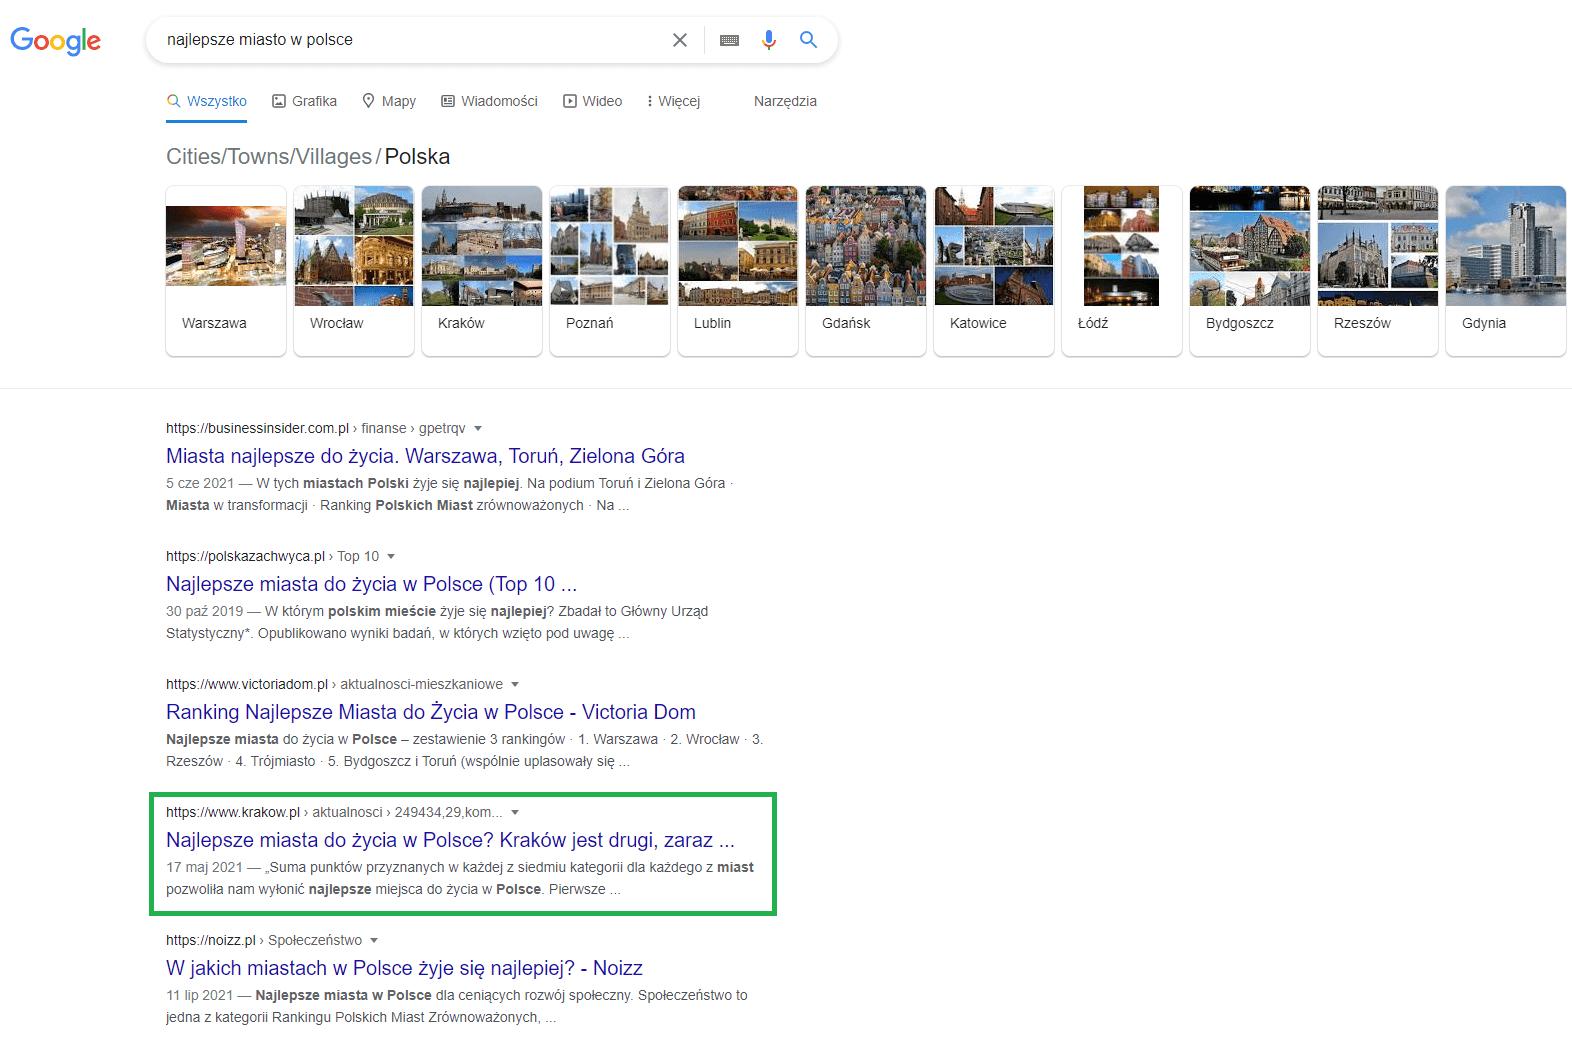 internetowy marketing terytorialny wwyszukiwarce Google